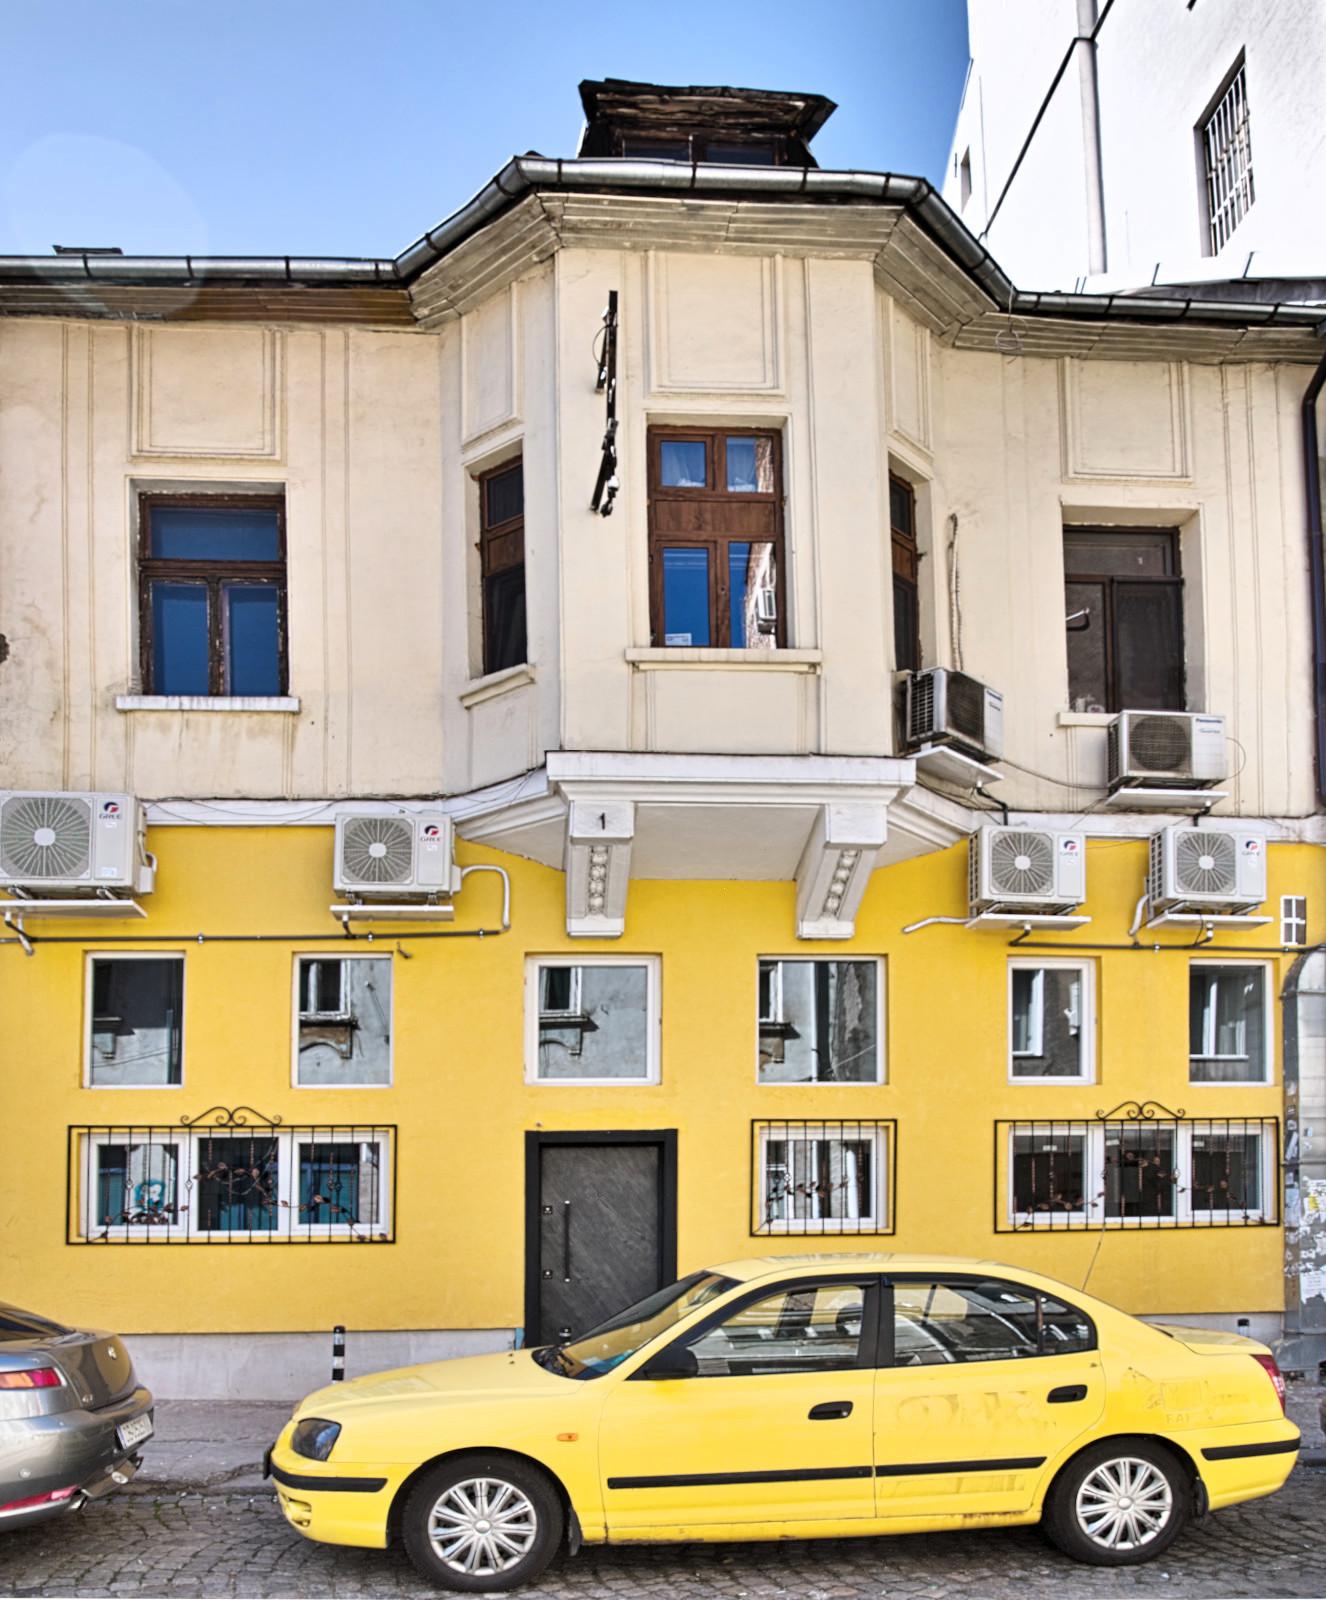 pano_yellow